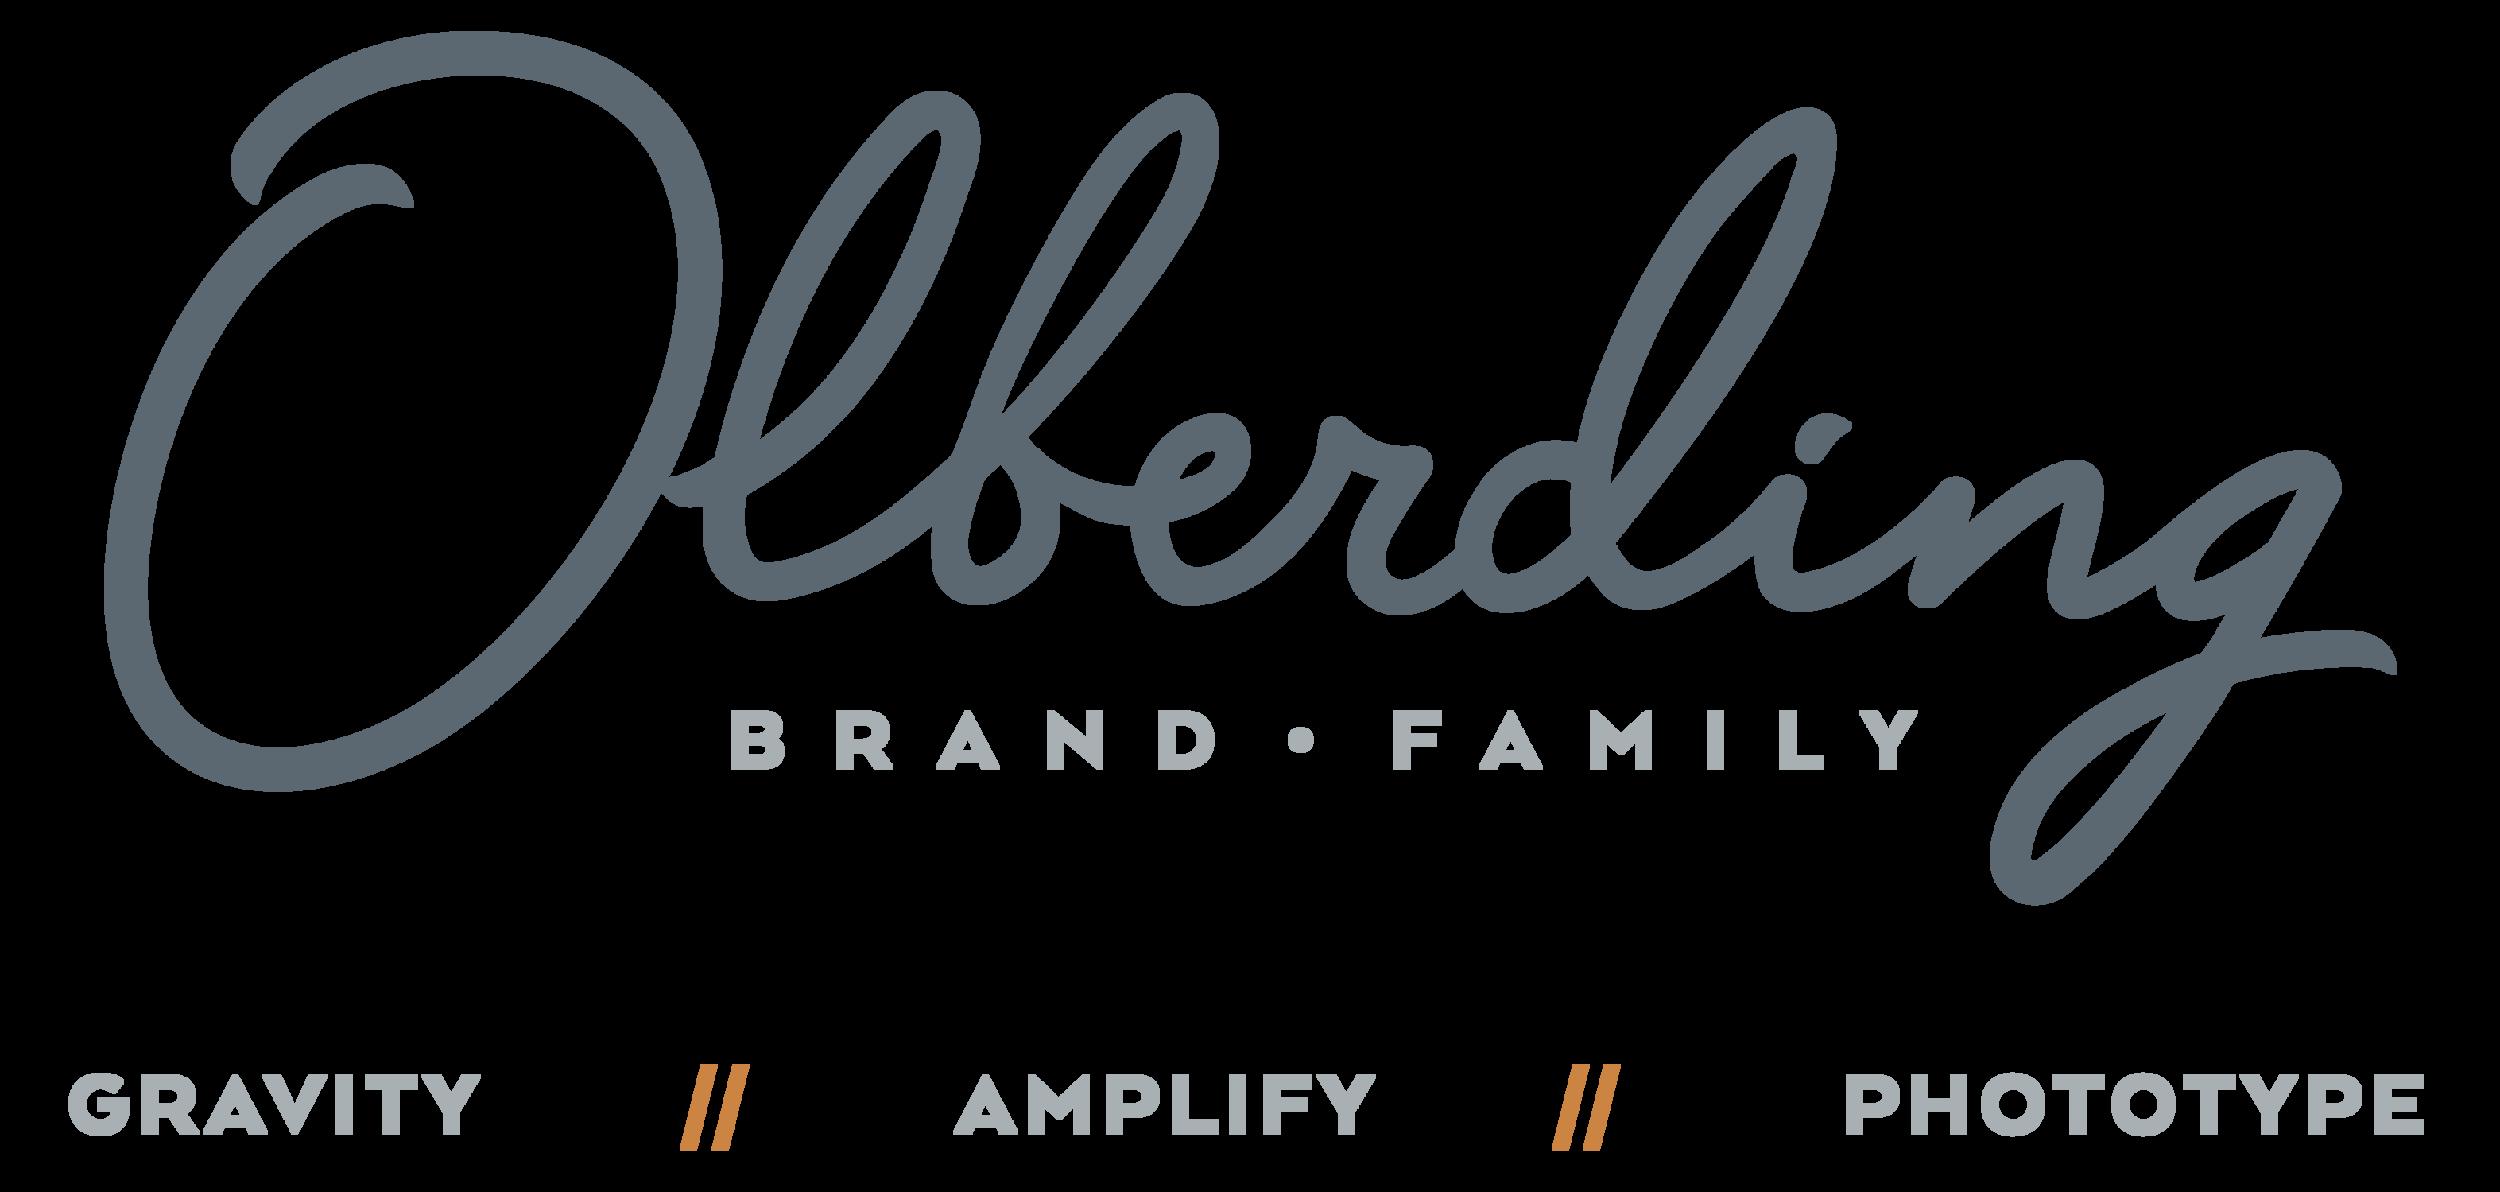 Olberding Brand Family